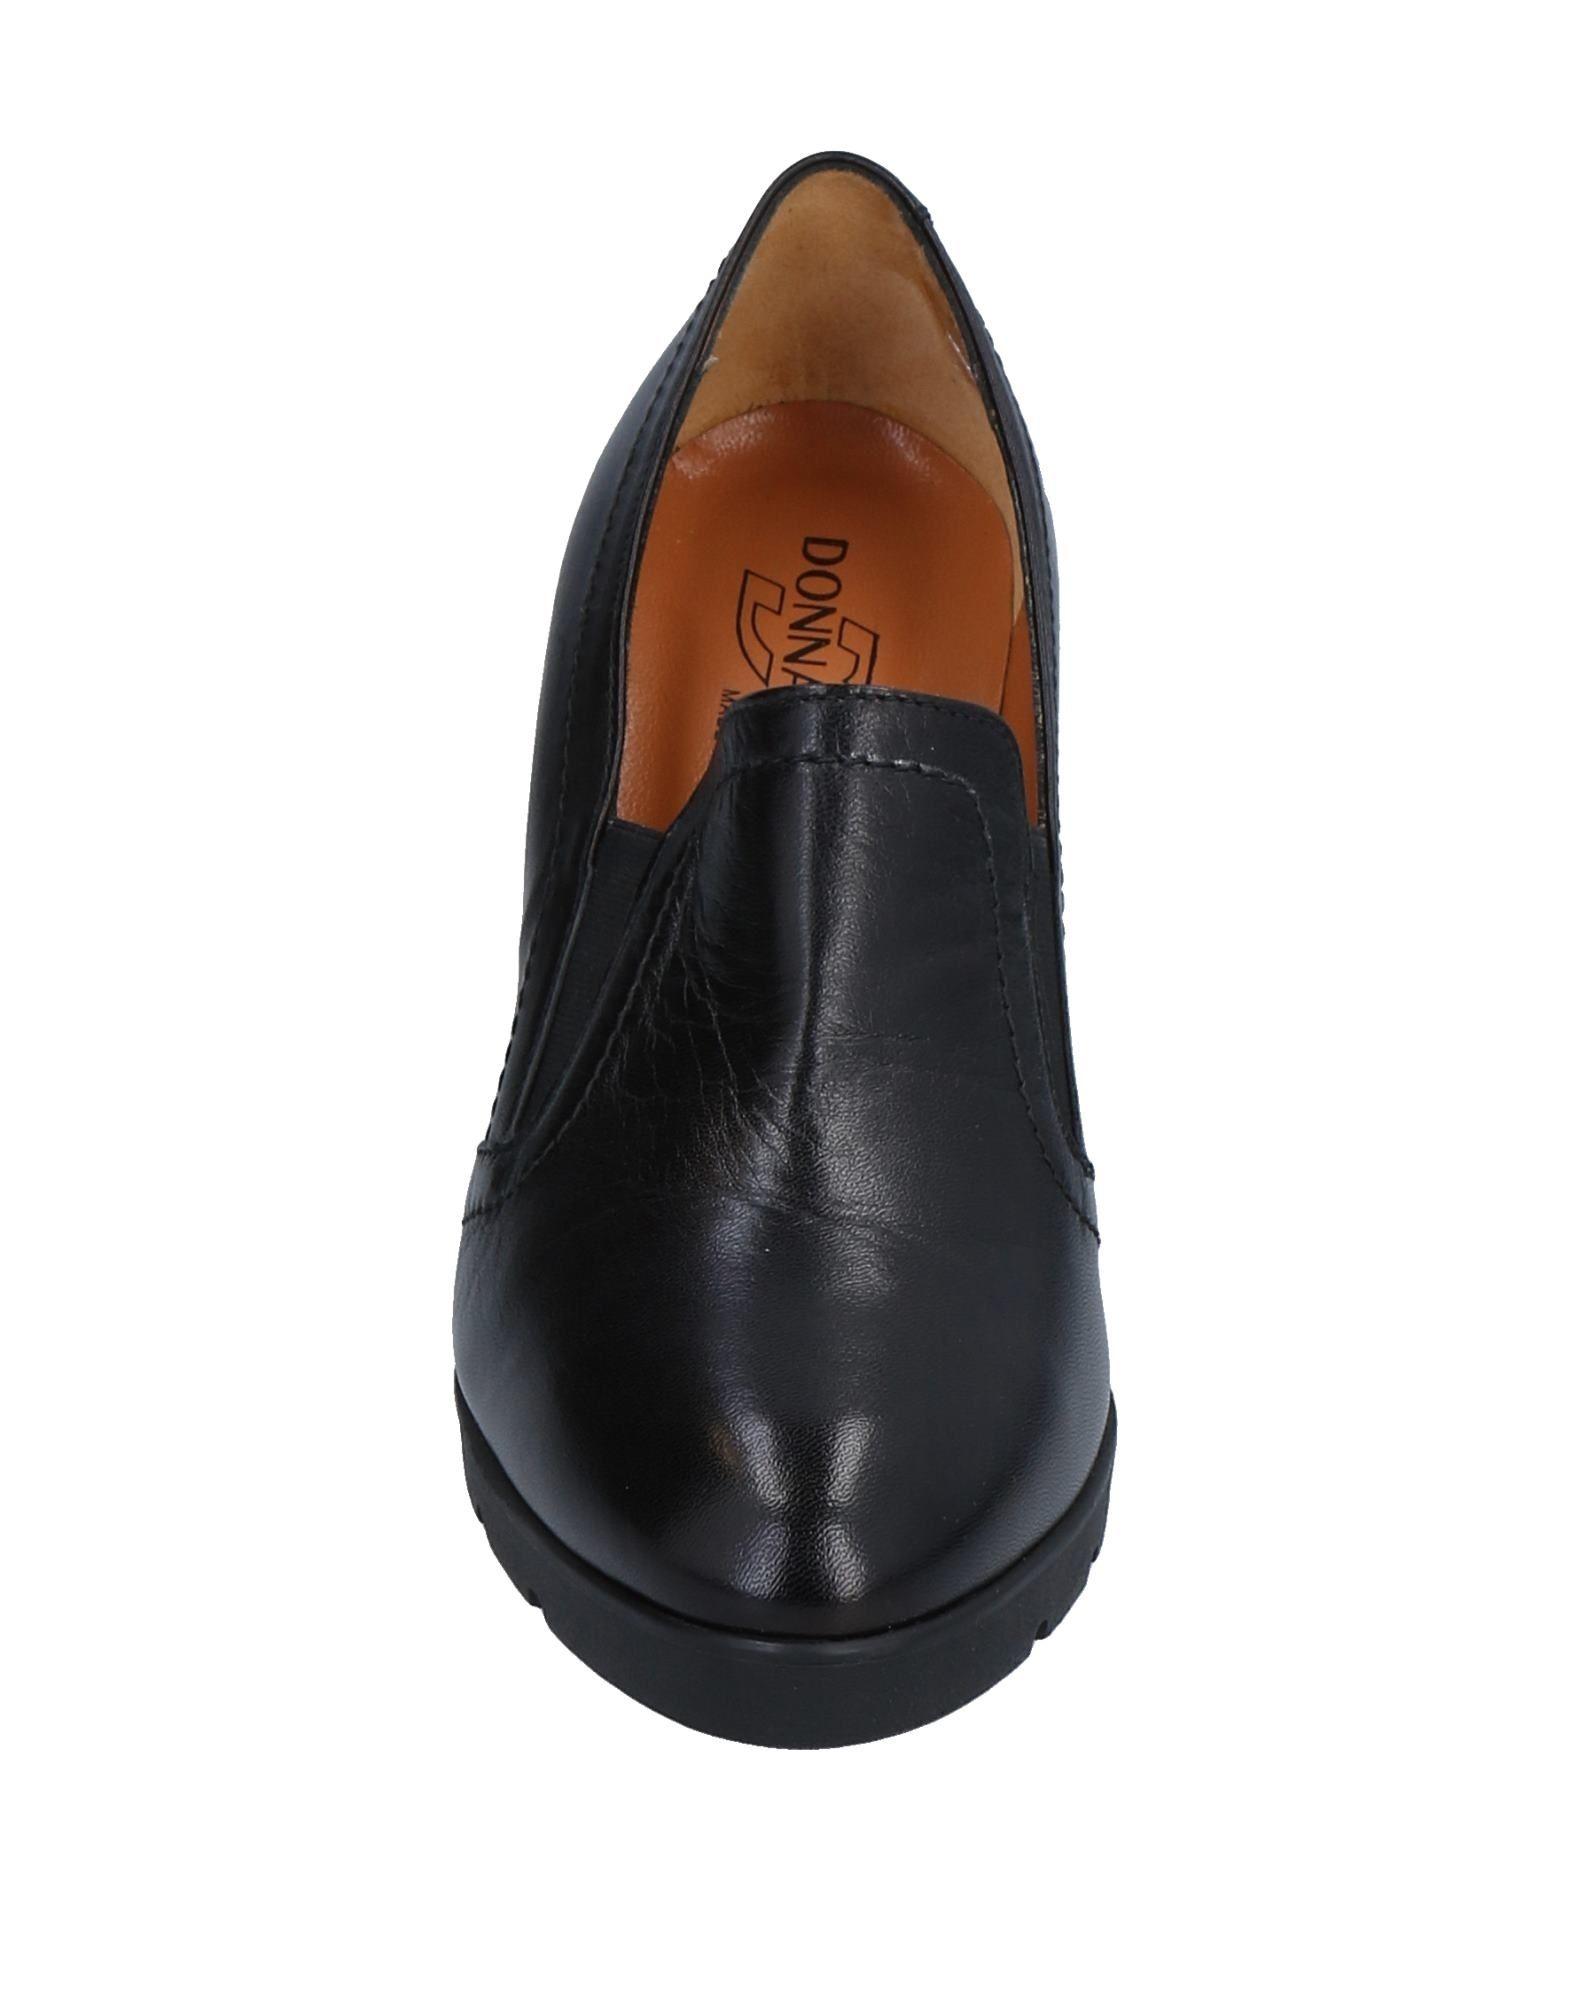 Donna Soft Gute Mokassins Damen  11533592GJ Gute Soft Qualität beliebte Schuhe 41b729